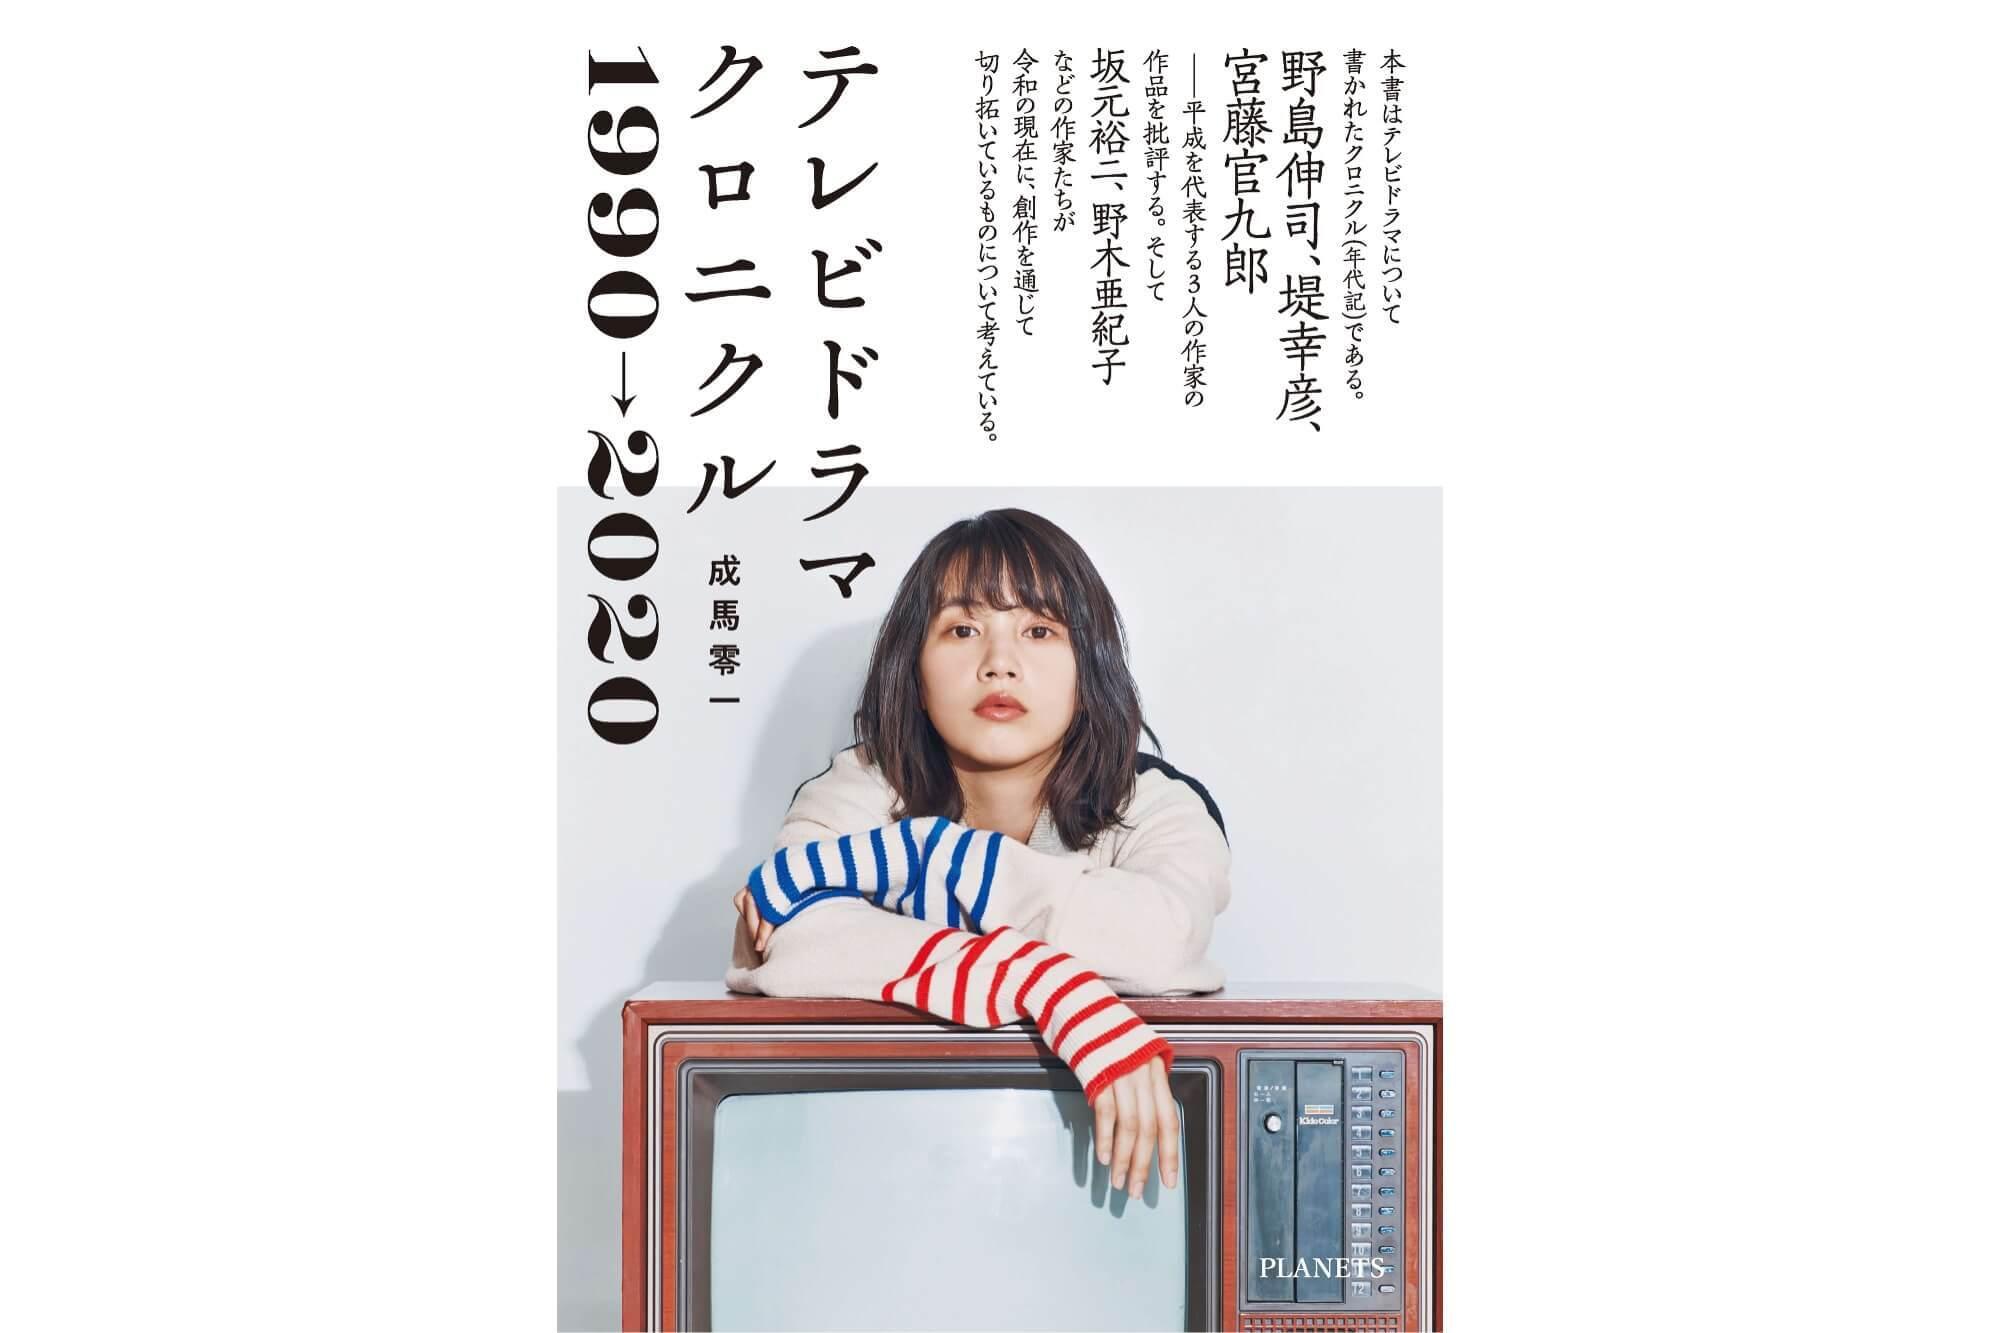 【書き下ろし特別電子書籍つき】成馬零一『テレビドラマクロニクル 1990→2020』